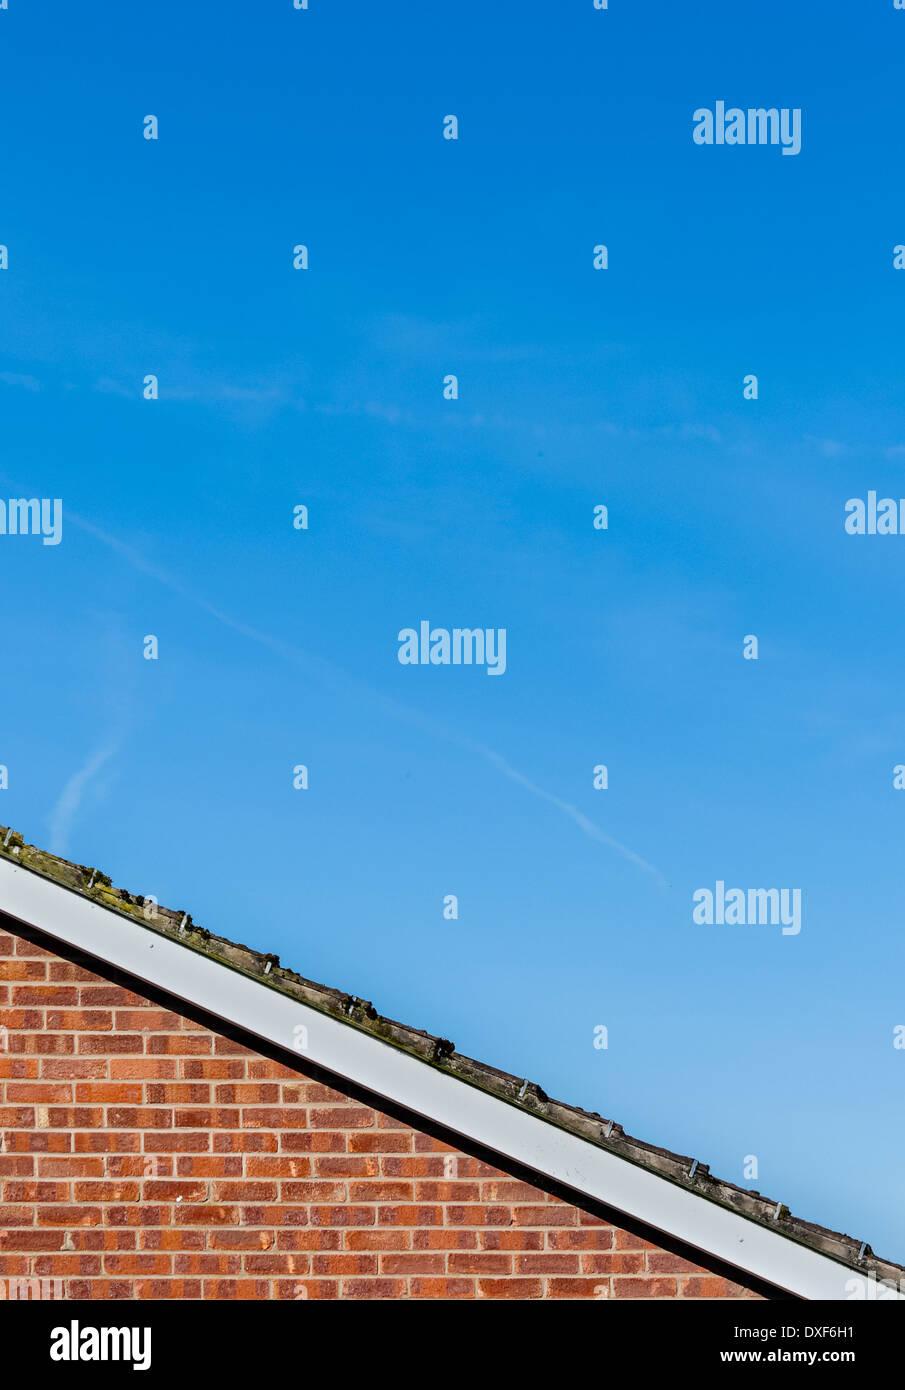 Rand des abfallenden gefliest Dach über roten Backsteinmauer gegen überwiegend blauen Himmel mit verschwommenen Wolken. Stockbild